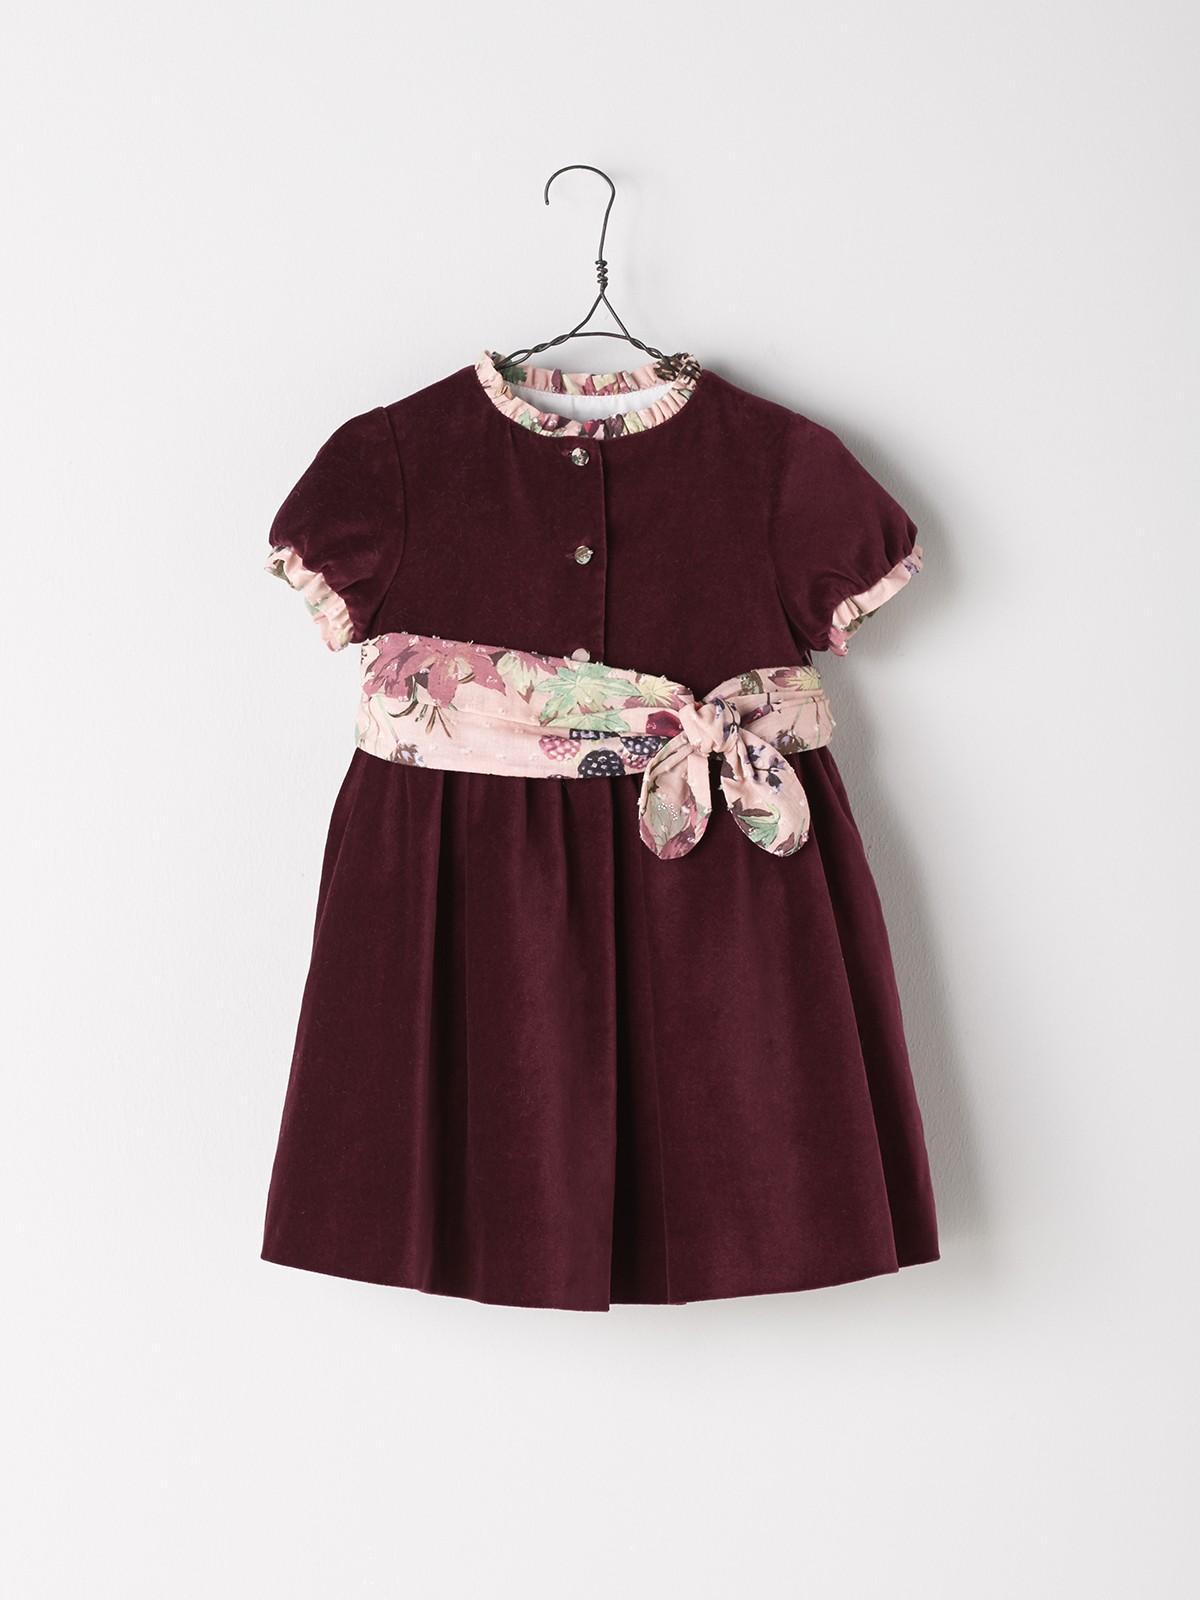 NANOS 紅色絲絨洋裝